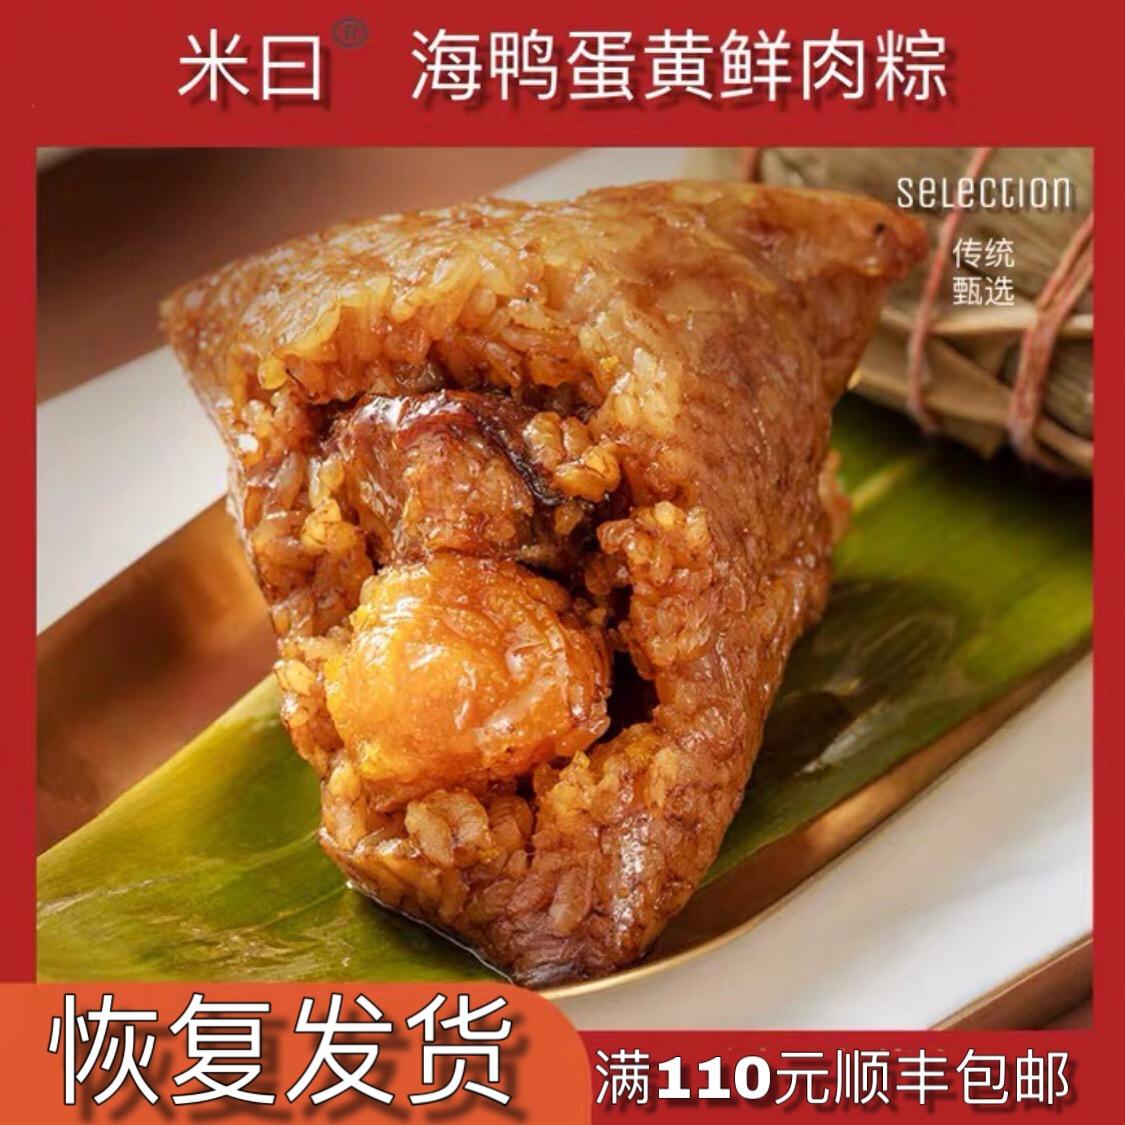 米曰粽子蛋黄肉粽广西海鸭蛋黄手工新鲜现做160克4个装蛋黄鲜肉粽